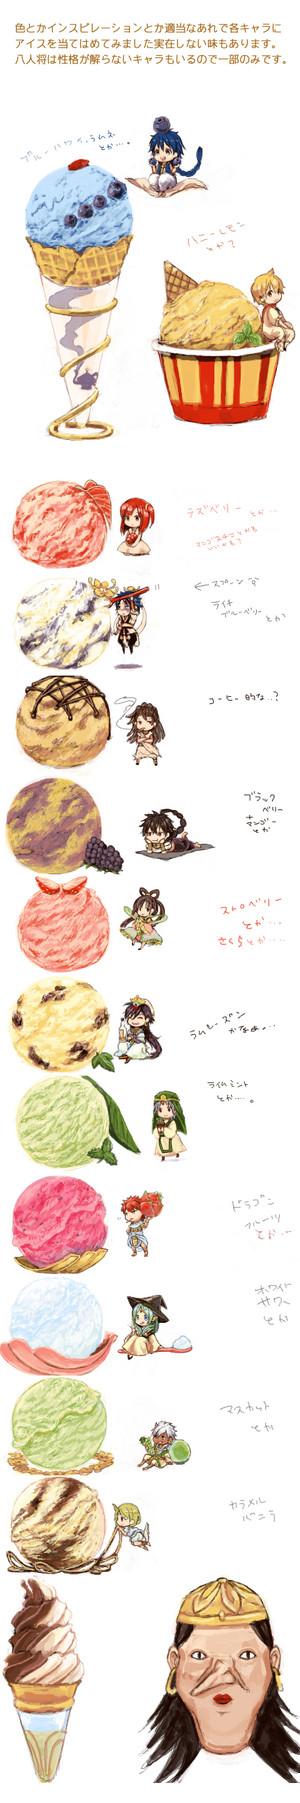 Magi ice cream flavors ~